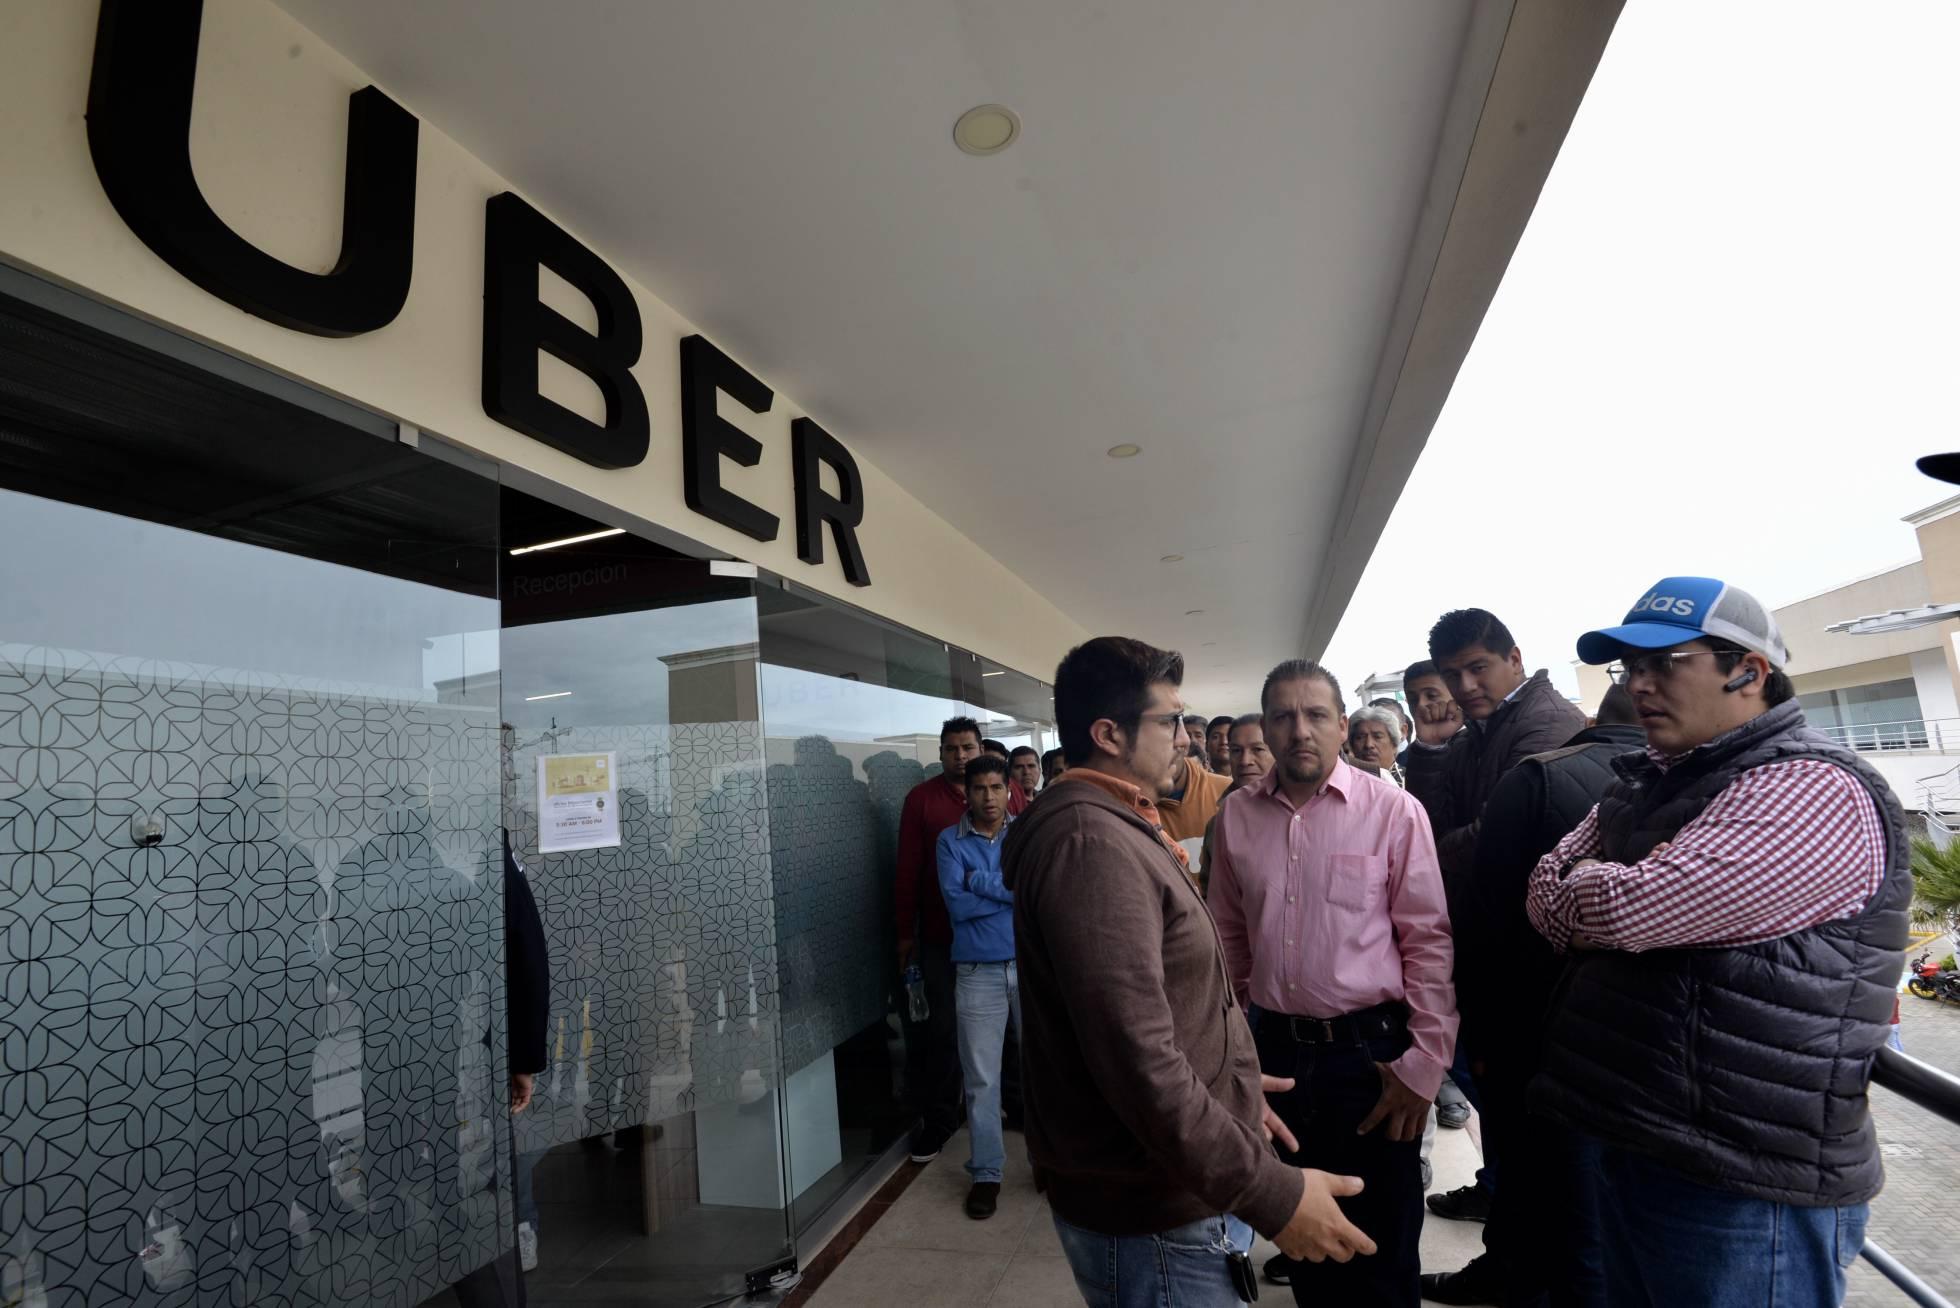 La Suprema Corte mexicana avala el cobro de los Estados a Uber y Cabify para fondos de movilidad